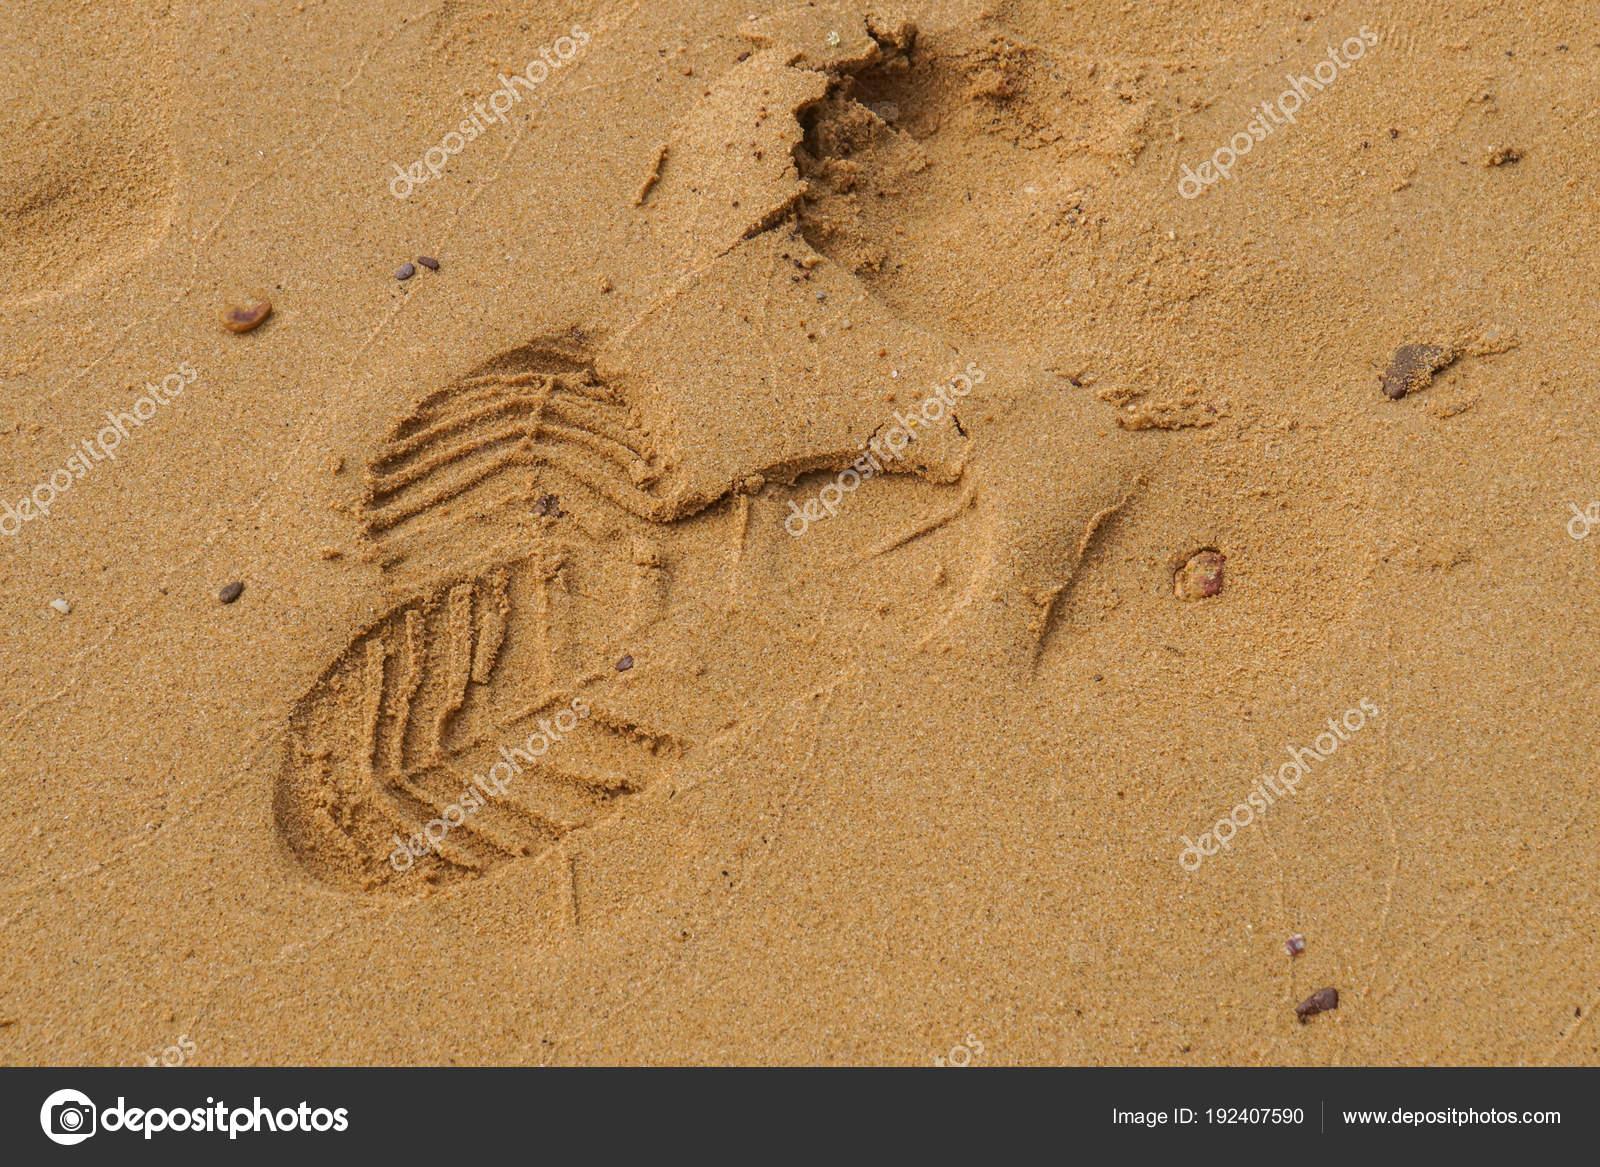 Chiuda in su impronte con scarpe sulla sabbia soffice — Foto di Jummie d5efb9487fc